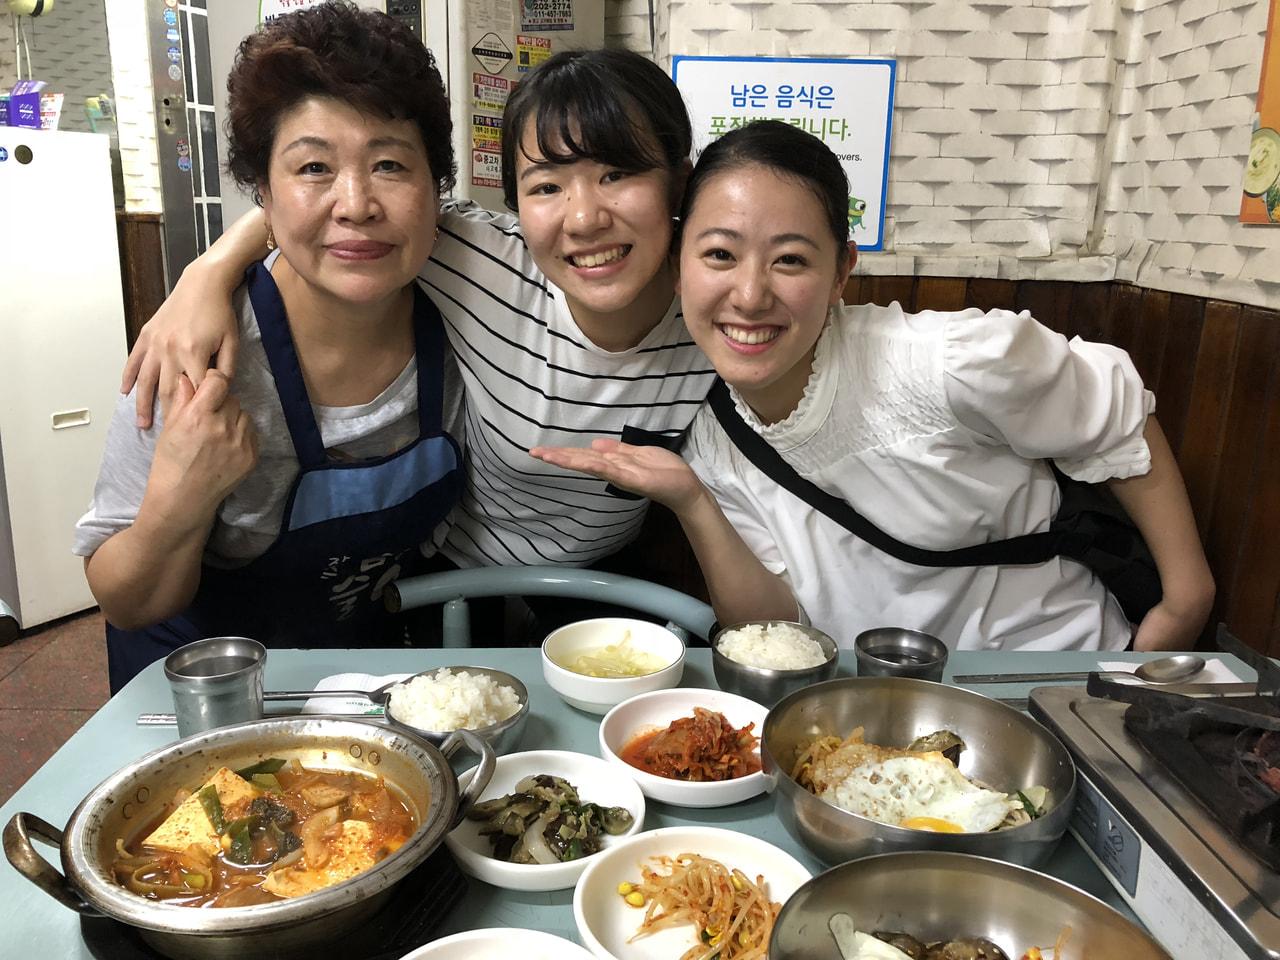 韓国での活動 Day1